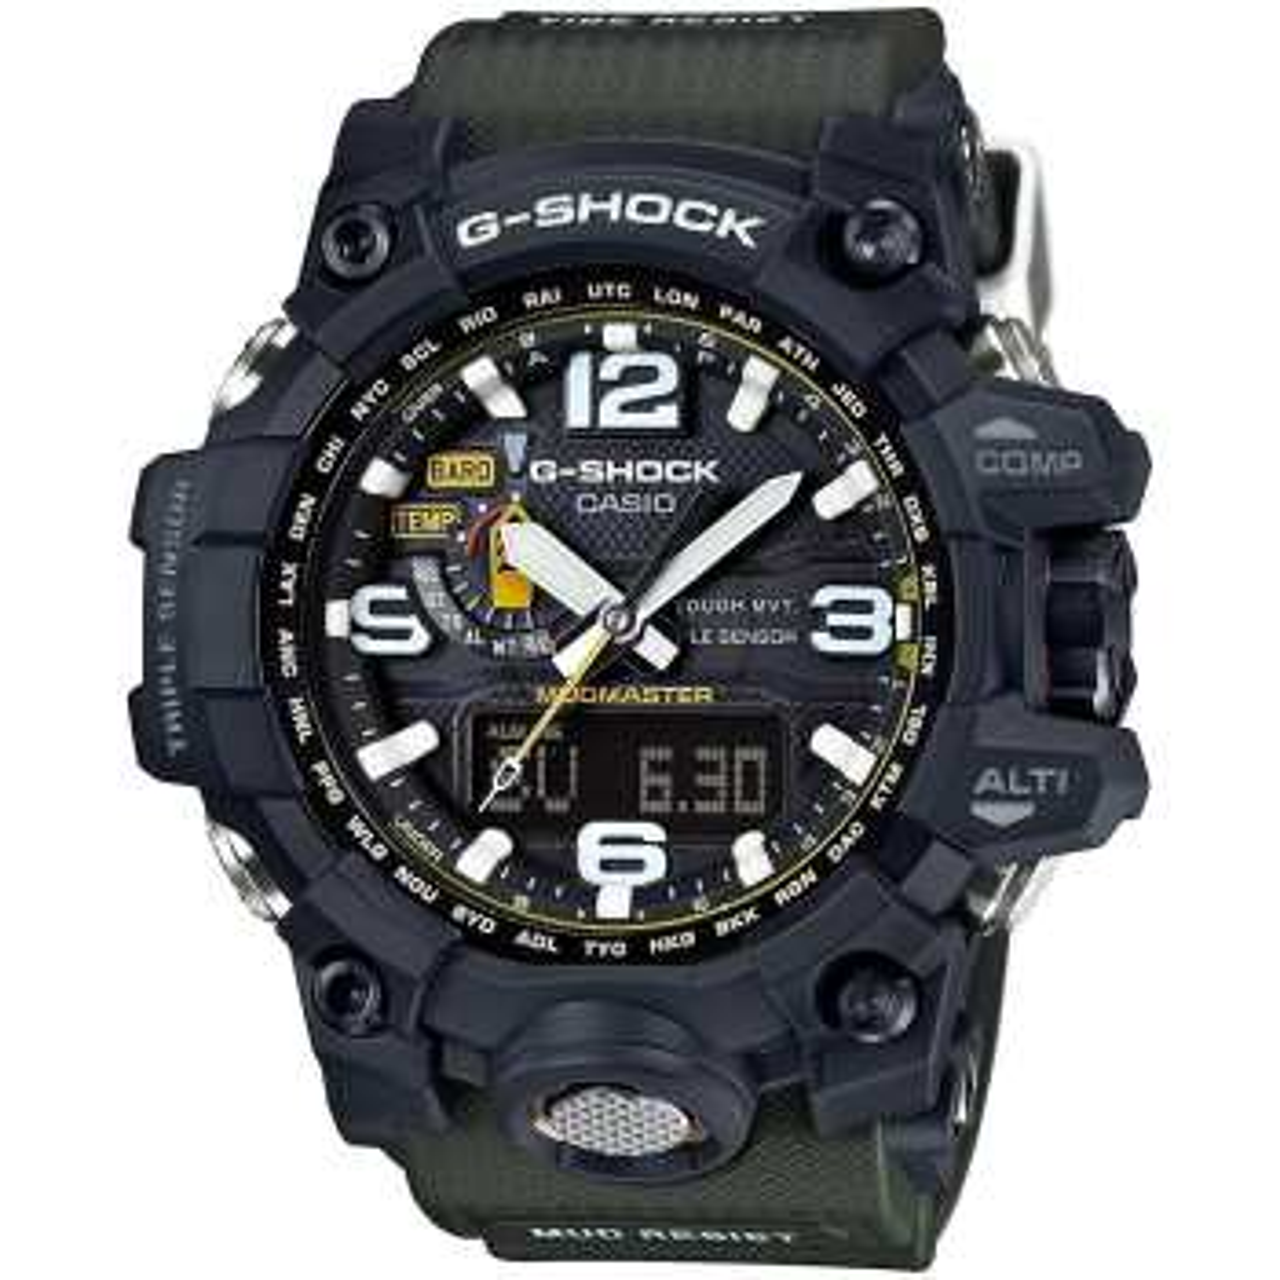 ساعت مچی عقربه ای مردانه کاسیو جی شاک مدل GWG-1000-1A3DR | Casio G-Shock GWG-1000-1A3DR Watch For Men